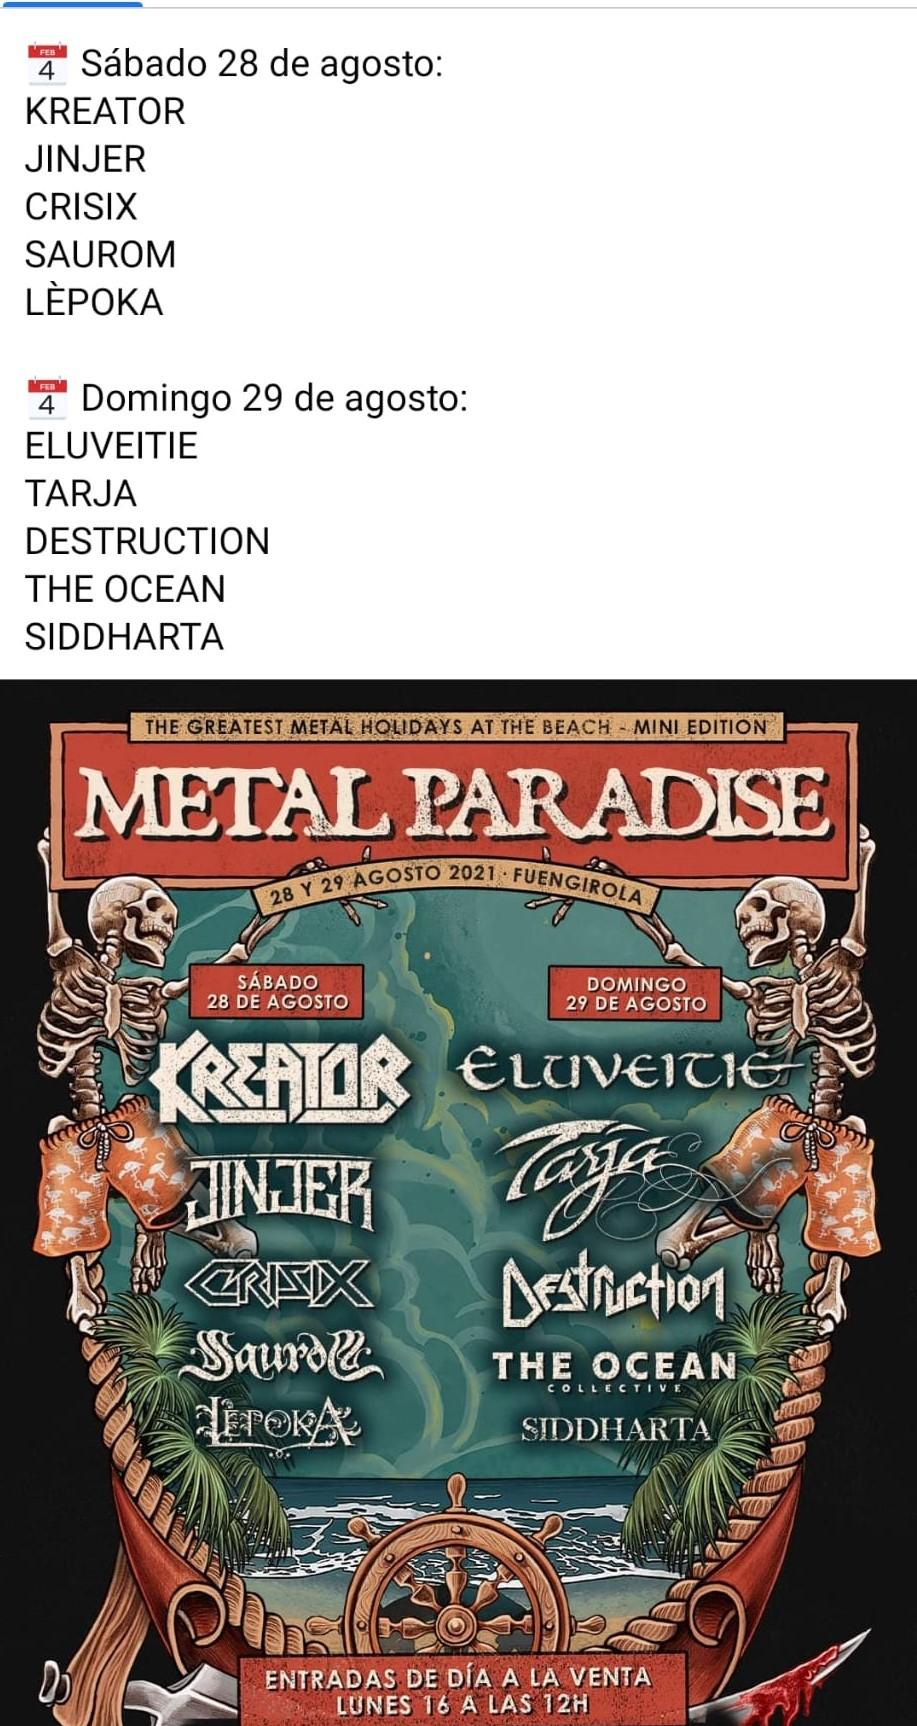 METAL PARADISE FEST - 28 y 29 de AGOSTO'21 (sí, ESTE agosto!!) en Fuengirola: Kreator, Destruction, The Ocean, Eluvietie, Krisix.... - Página 13 Photo-12